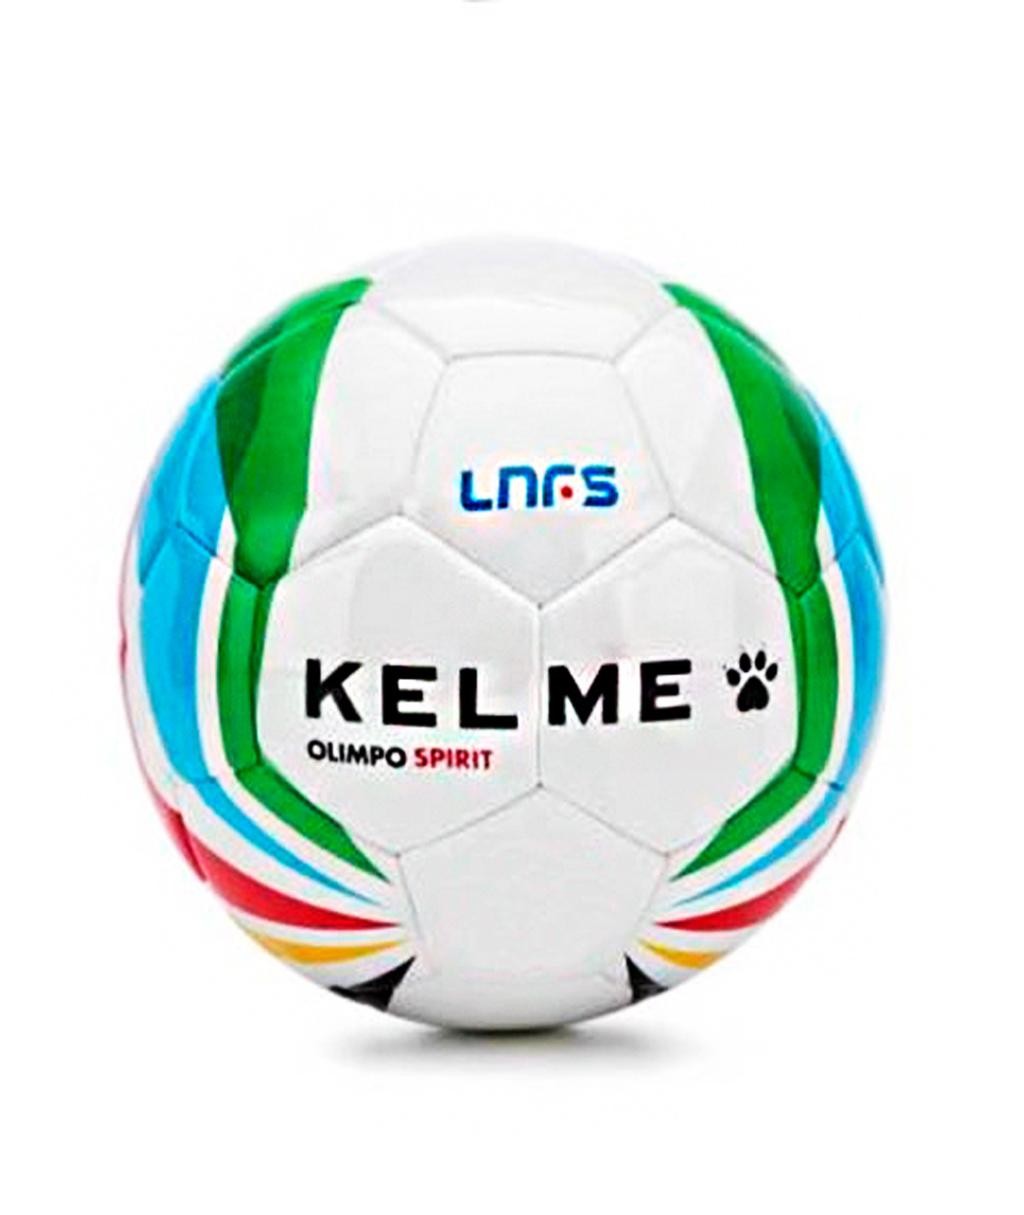 Купить мяч Kelme Balon LNFS 18/19 Replica в интернет-магазине